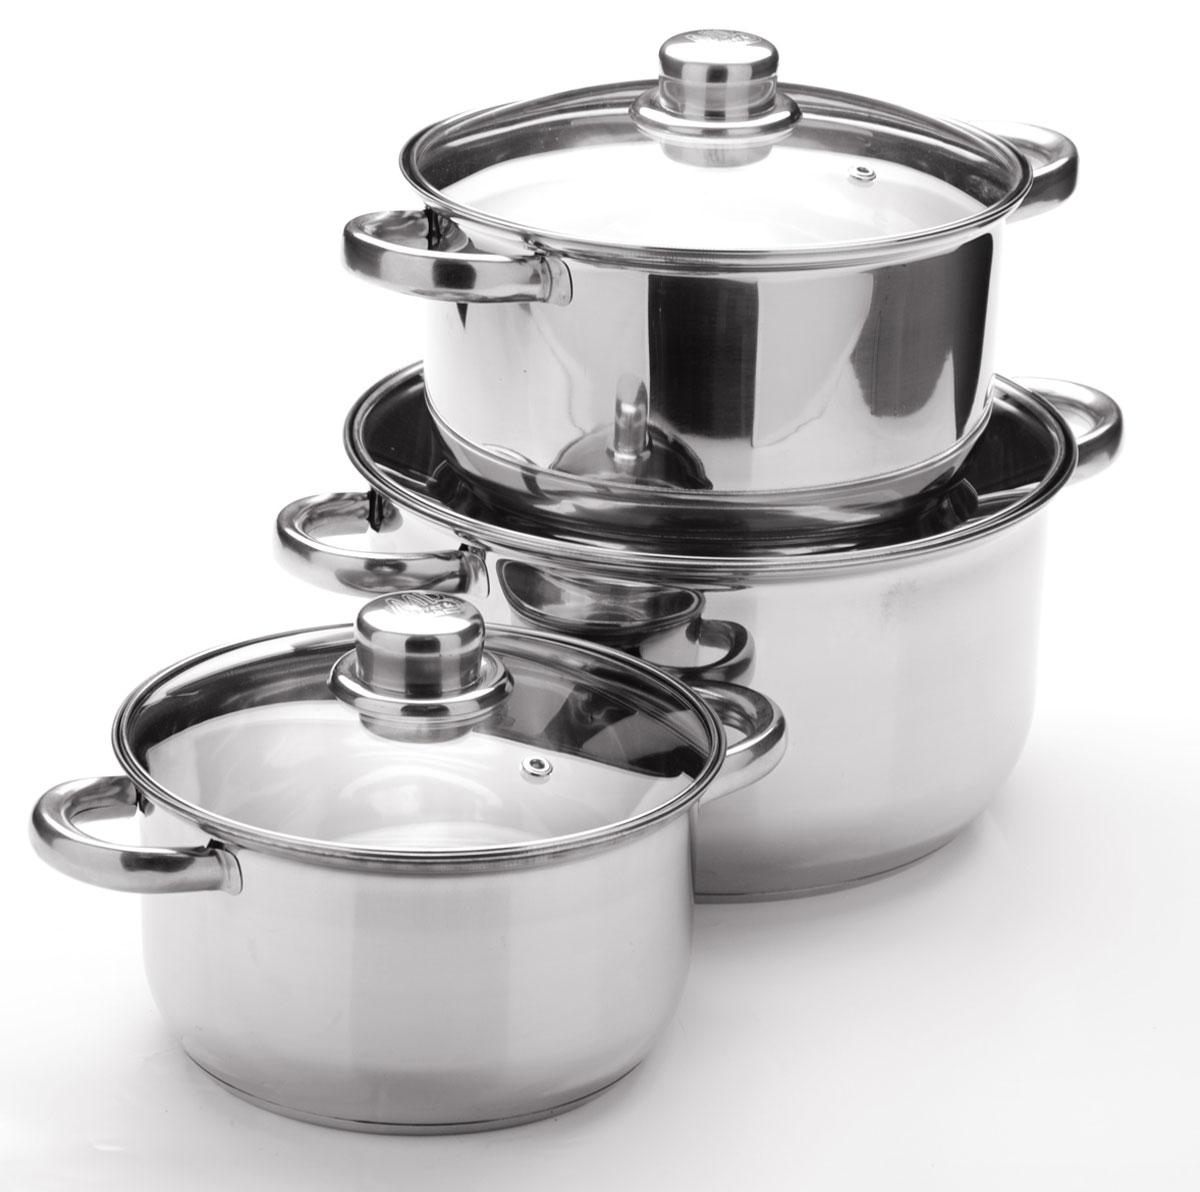 Набор посуды Mayer & Boch, 6 предметов. 2575368/5/2Набор посуды станет отличным дополнением к набору кухонной утвари. С его приобретением приготовление ваших любимых блюд перейдет на качественно новый уровень и вы сможете воплотить в жизнь любые кулинарные идеи. В комплект входят 6 предметов: 3 кастрюли (объем 2/ 2,9/ 4,9), 3 крышки. Набор многофункционален и удобен в использовании, подойдет для варки супов, приготовления блюд из мяса и рыбы, гарниров, соусов т. д.